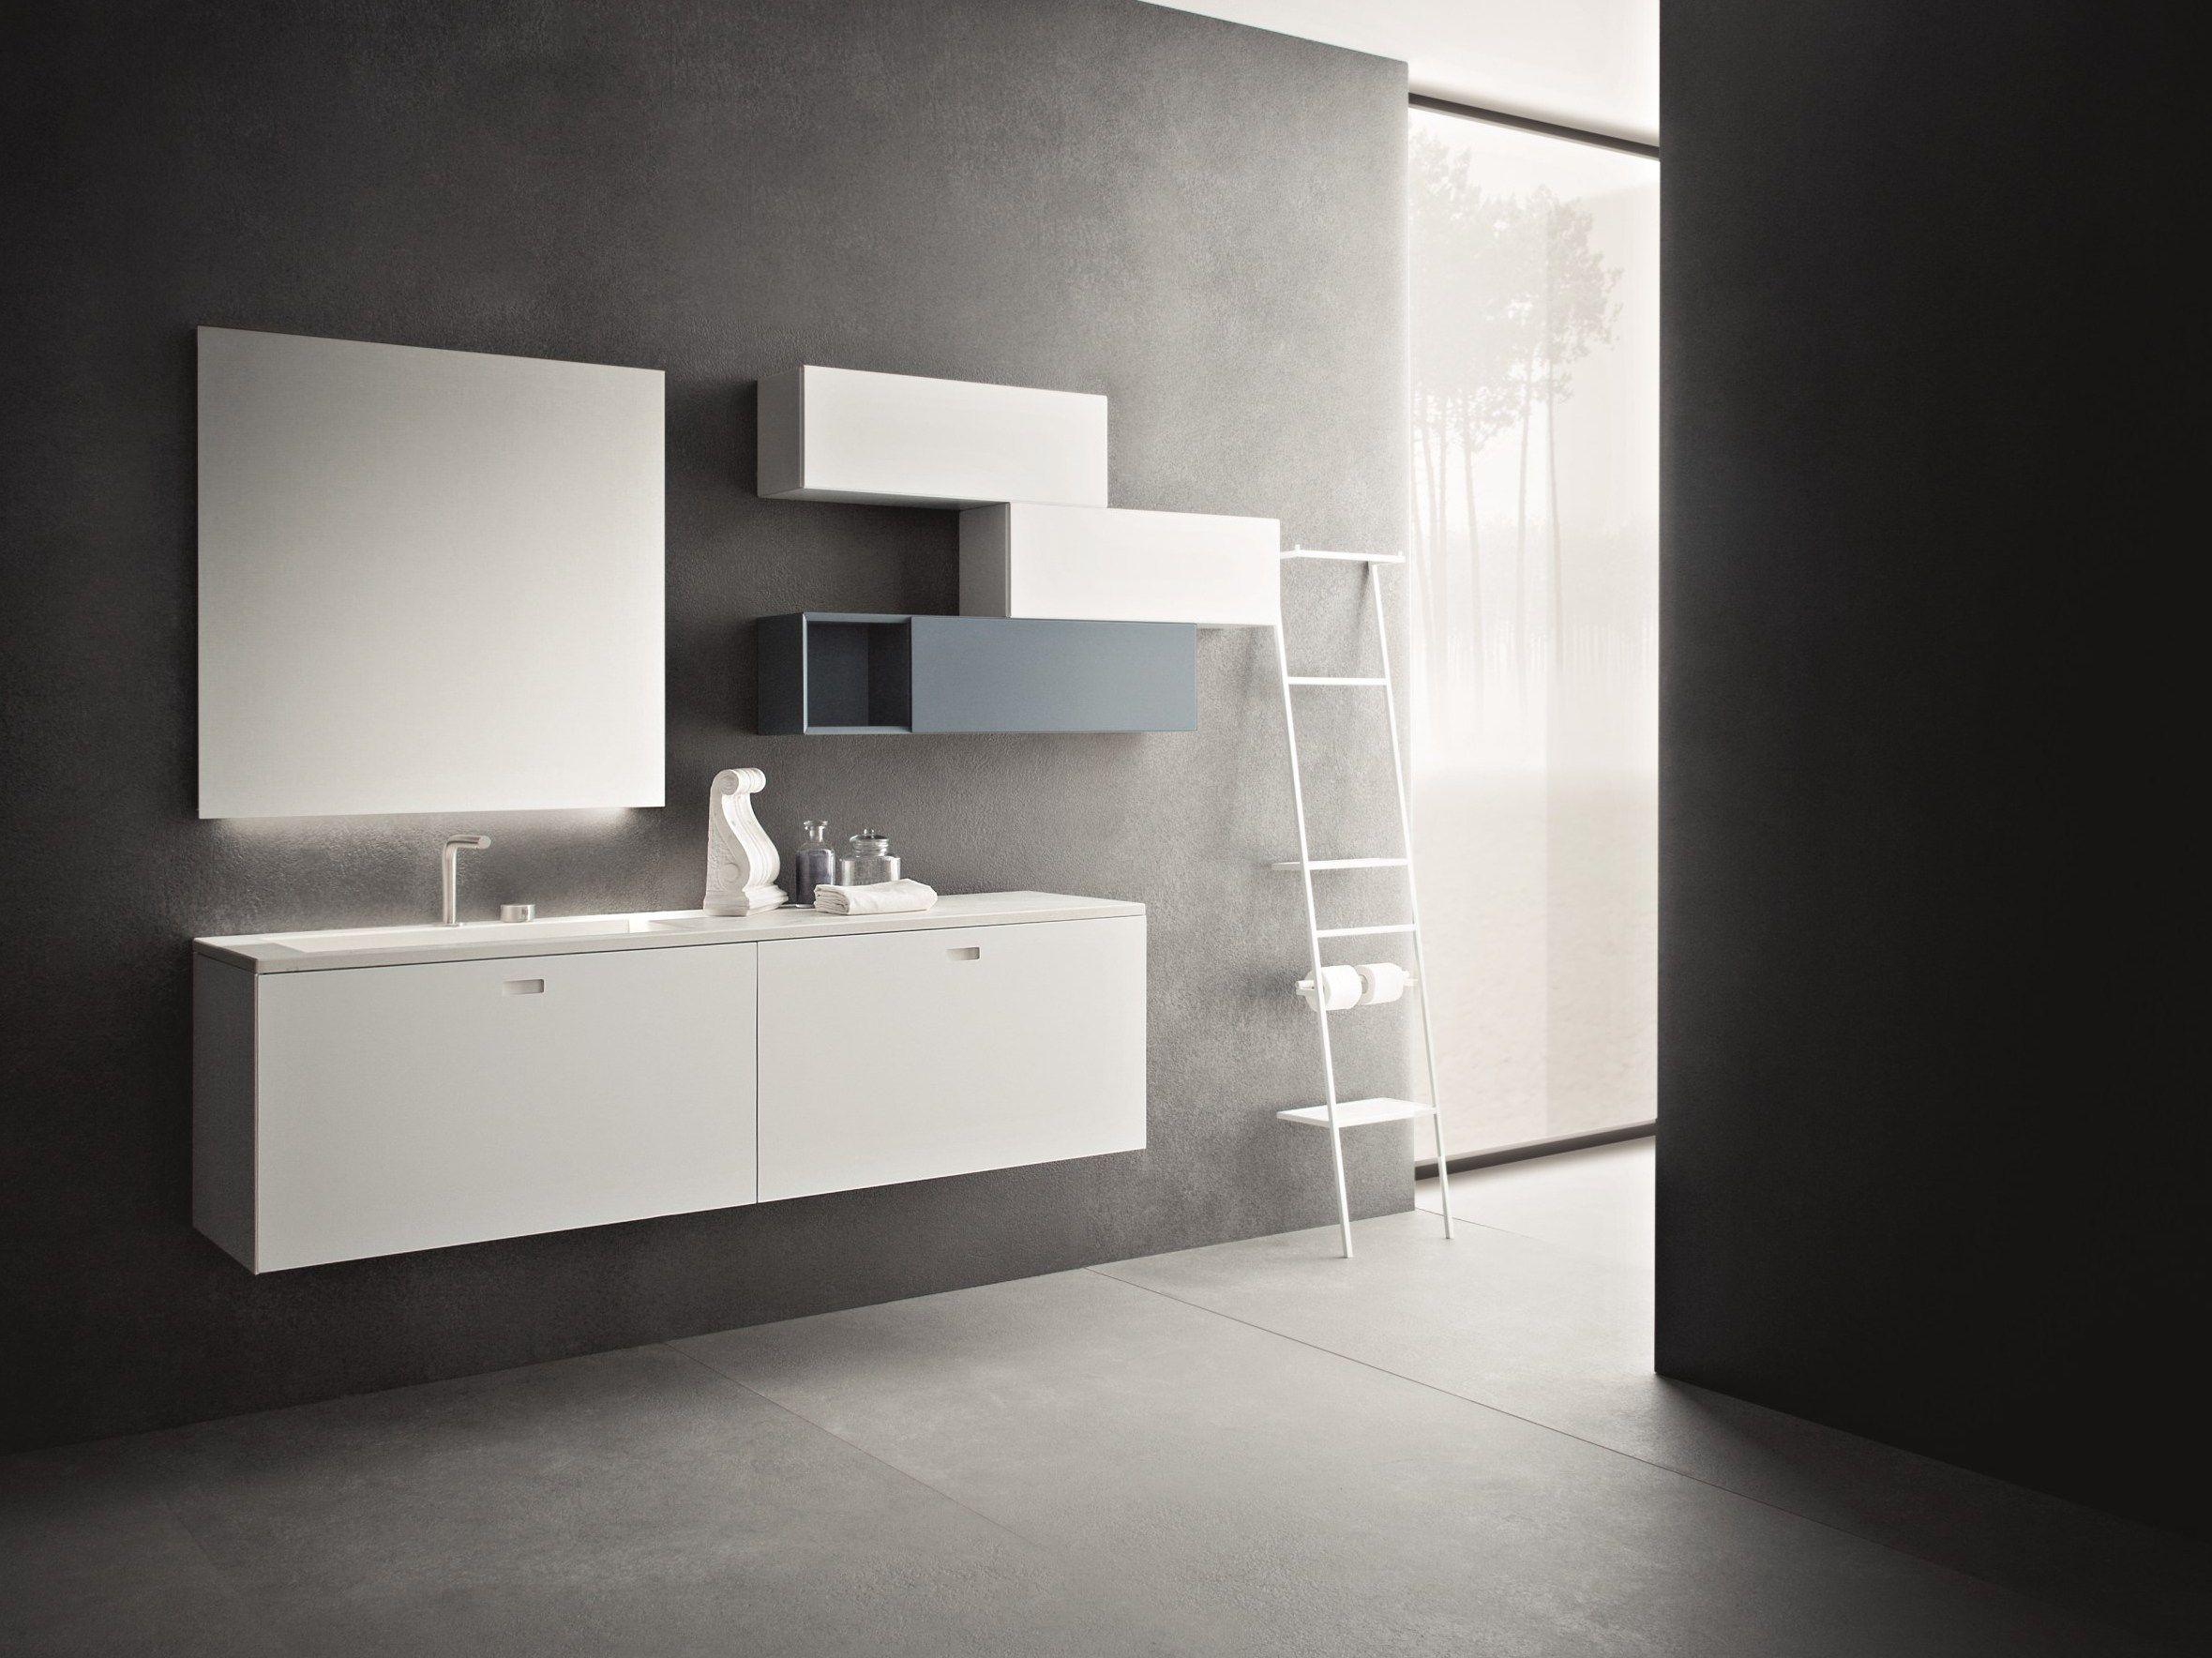 arredo bagno completo craft - composizione n08 by novello design ... - Novello Arredo Bagno Prezzi